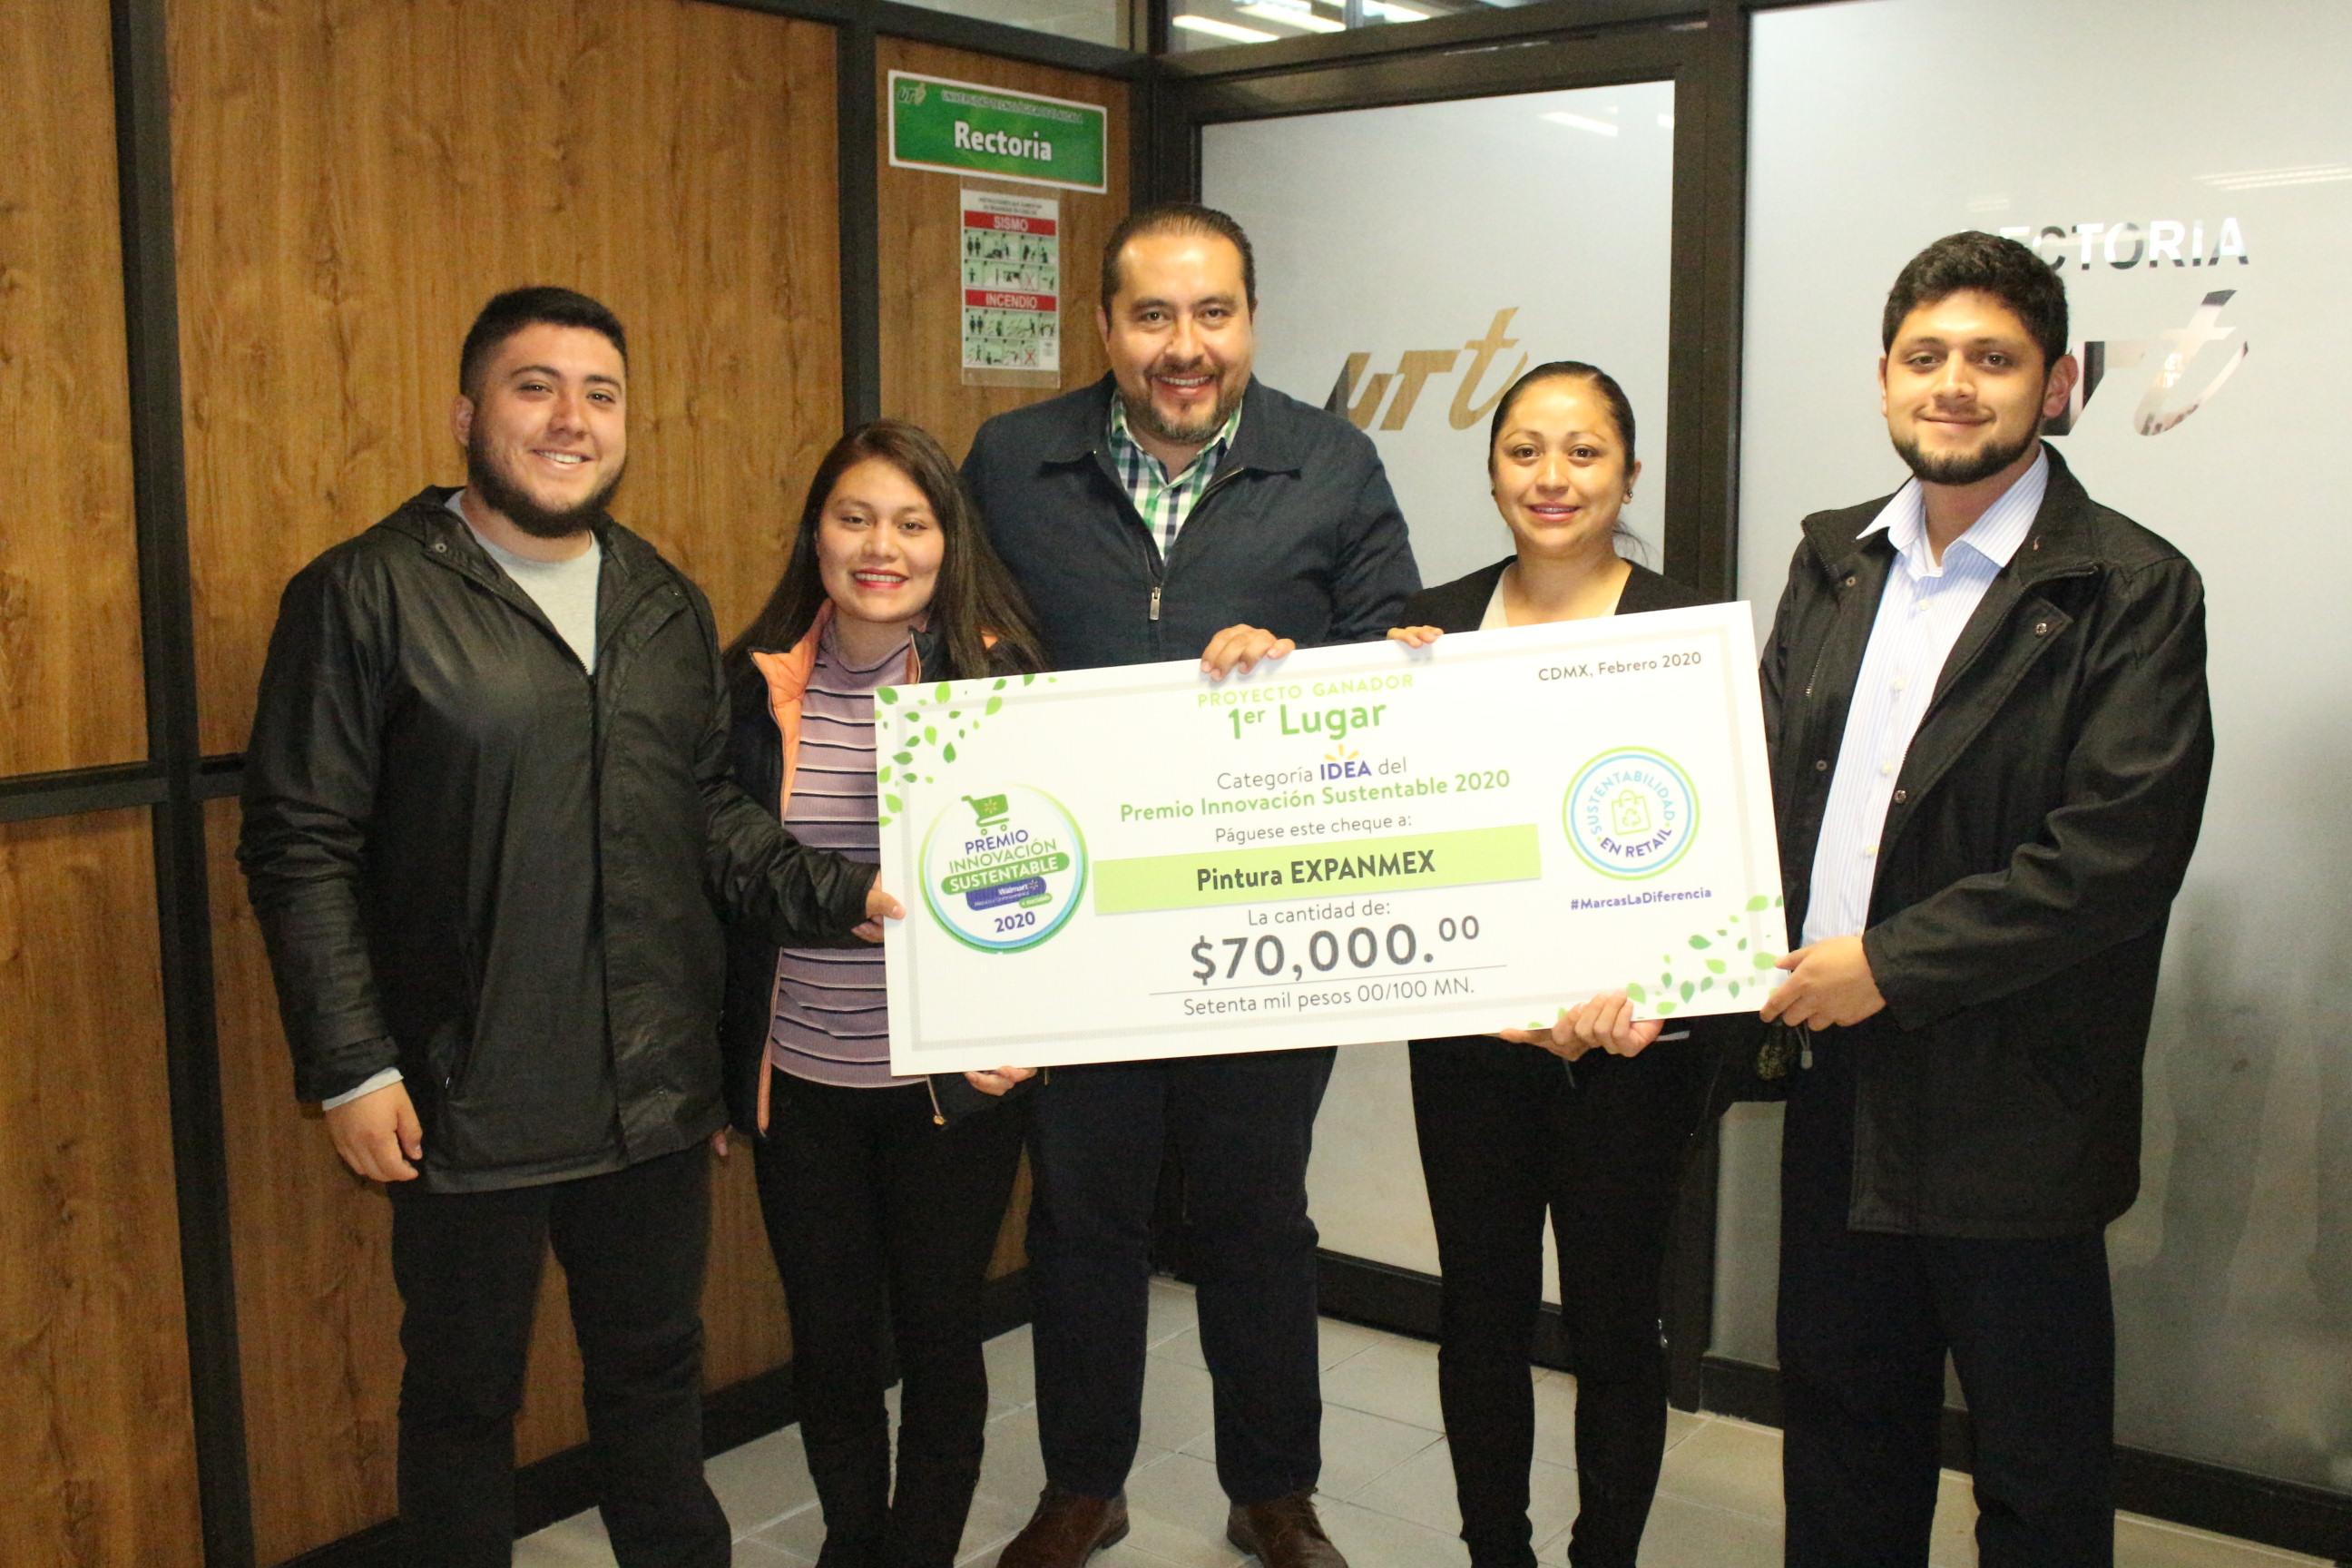 Estudiantes de UTT obtienen premio en innovación sustentable de Walmart